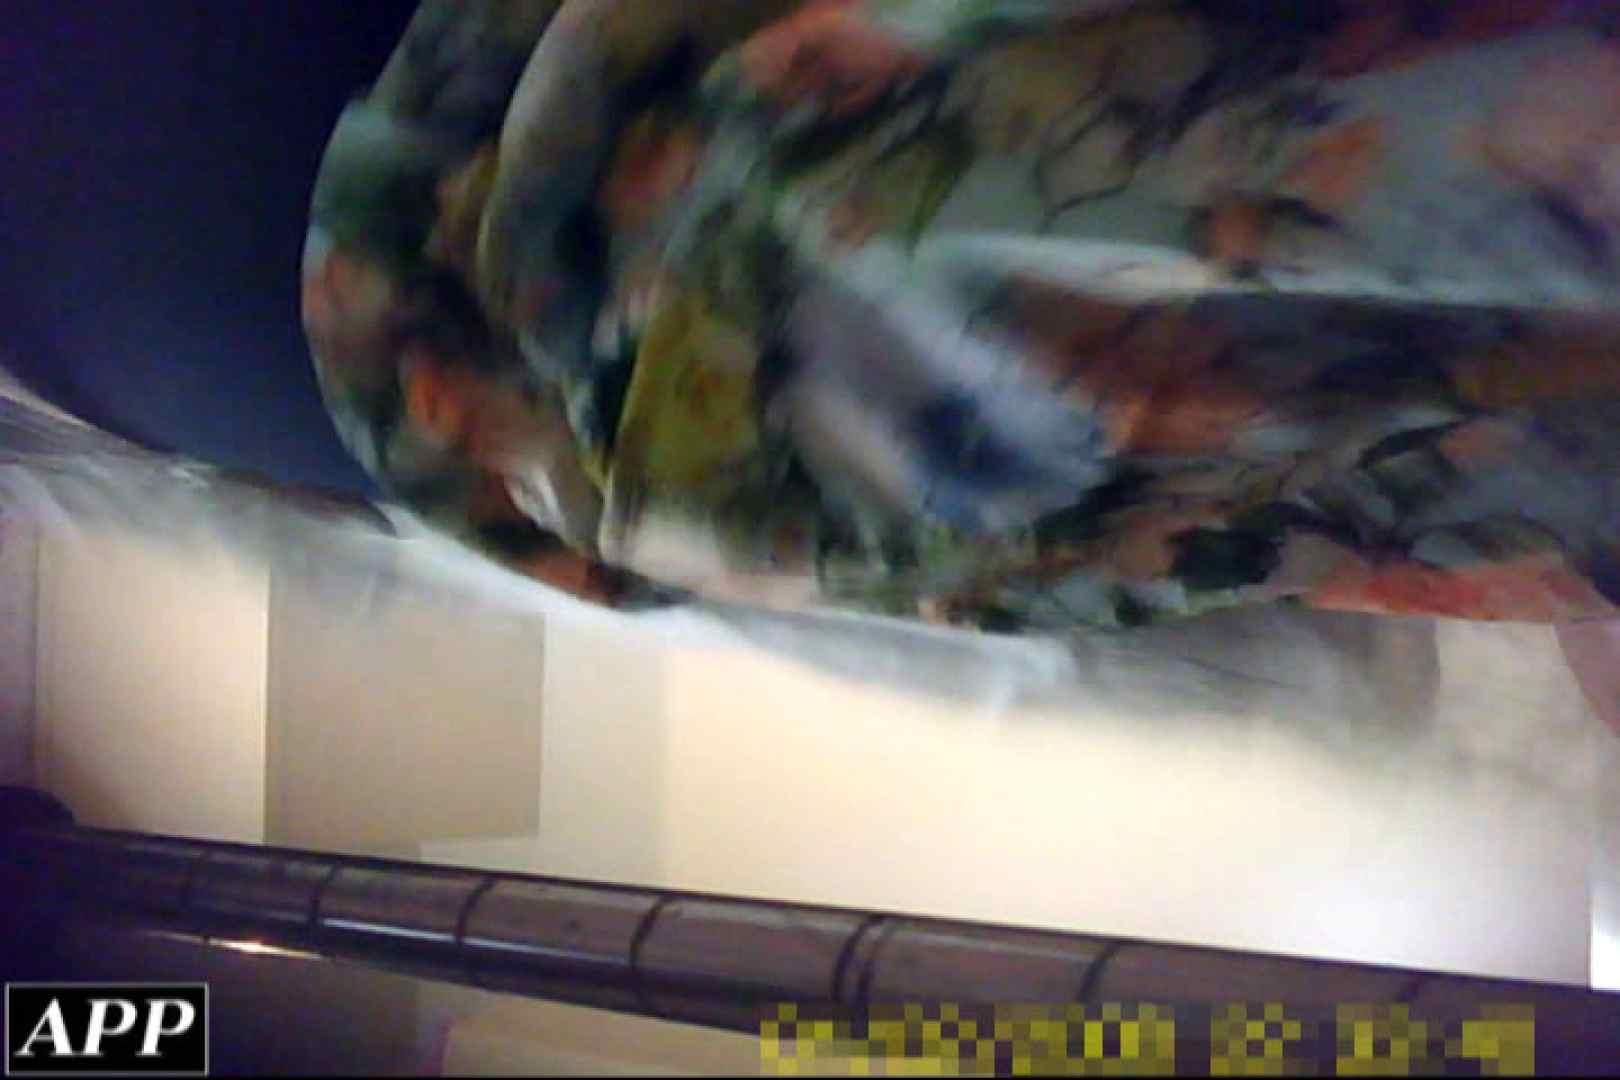 3視点洗面所 vol.111 盗撮シリーズ オメコ無修正動画無料 109PIX 27